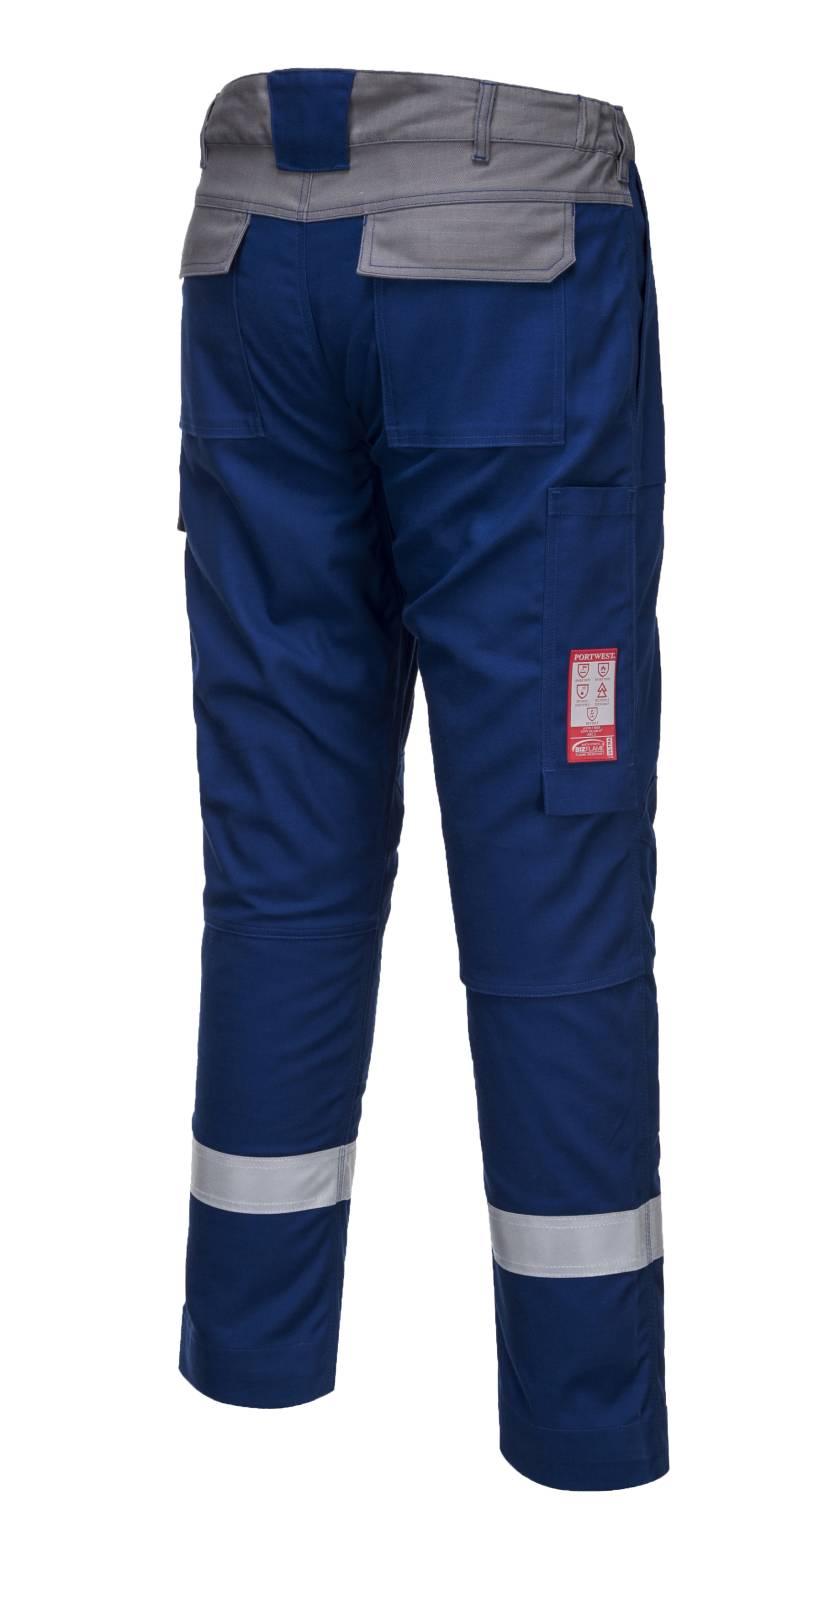 Portwest Bizflame Broeken FR06 koningsblauw(RB)